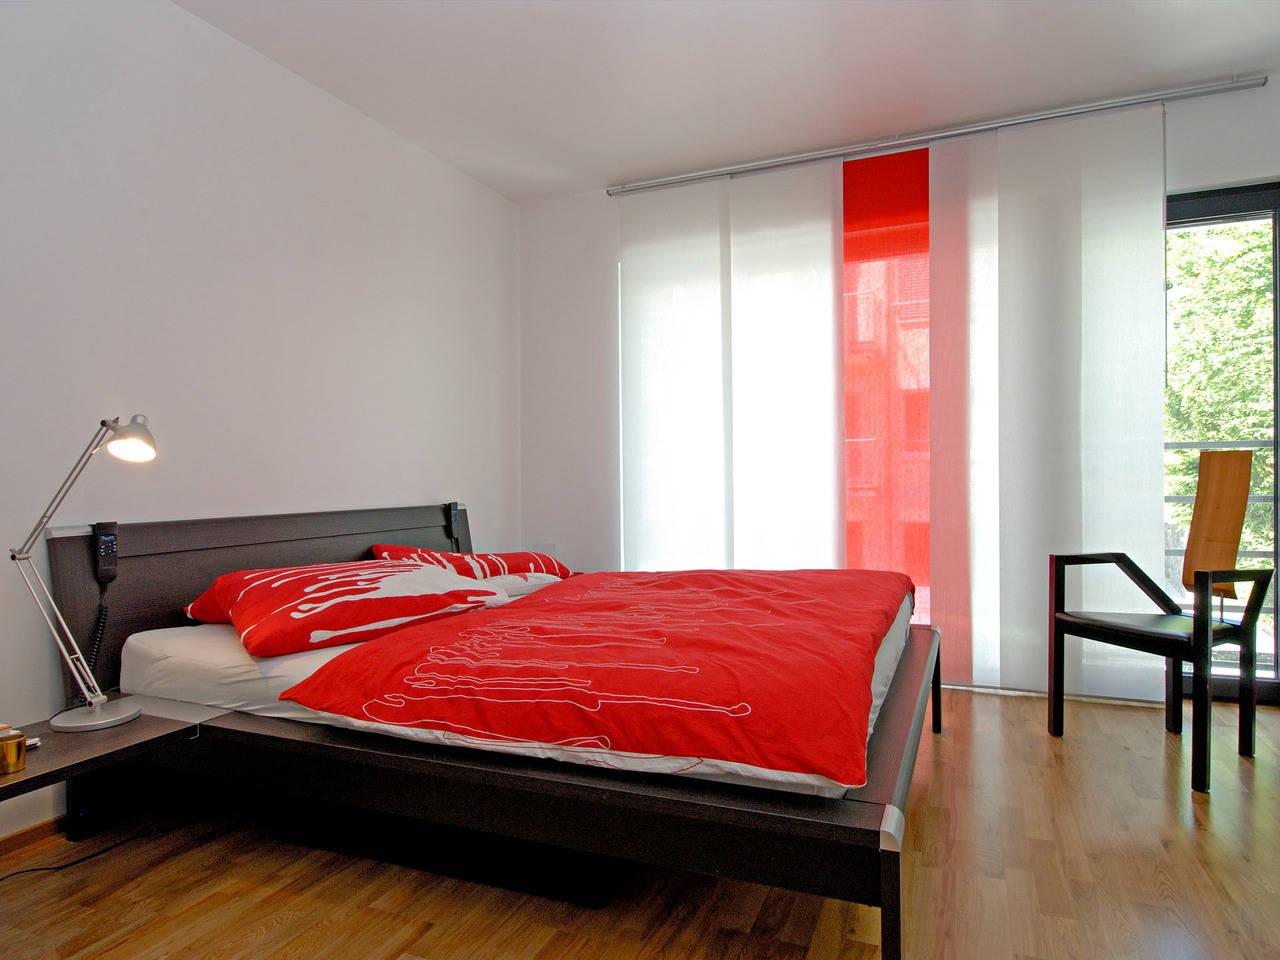 Haus Dorstewitz Fertighaus Weiss Schlafzimmer